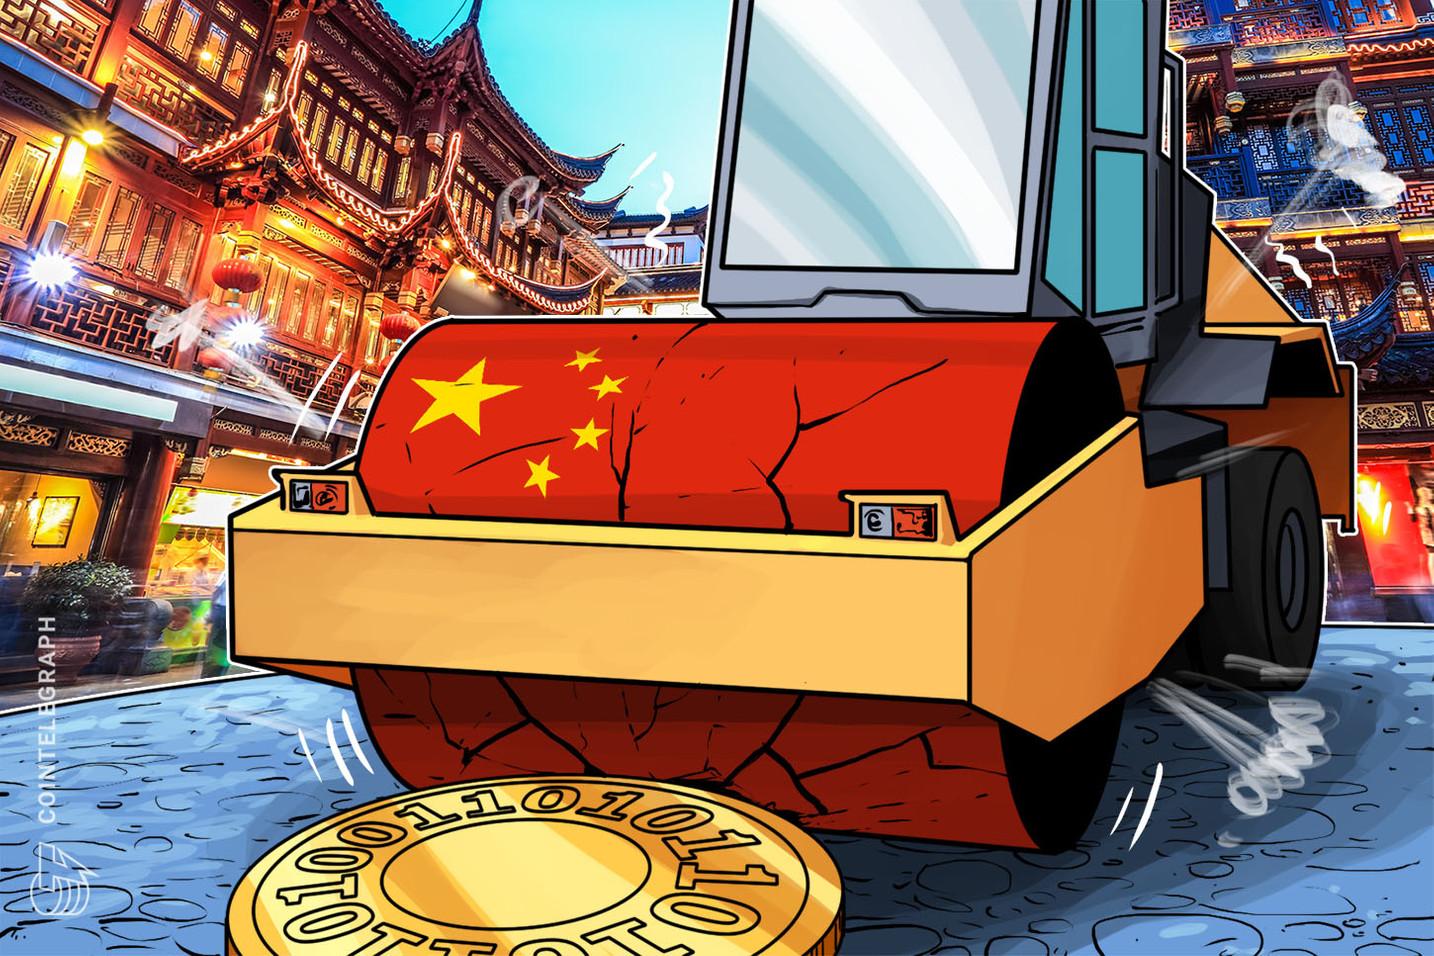 La Banca Popolare Cinese estende il proprio controllo normativo anche agli 'airdrop' di criptovalute